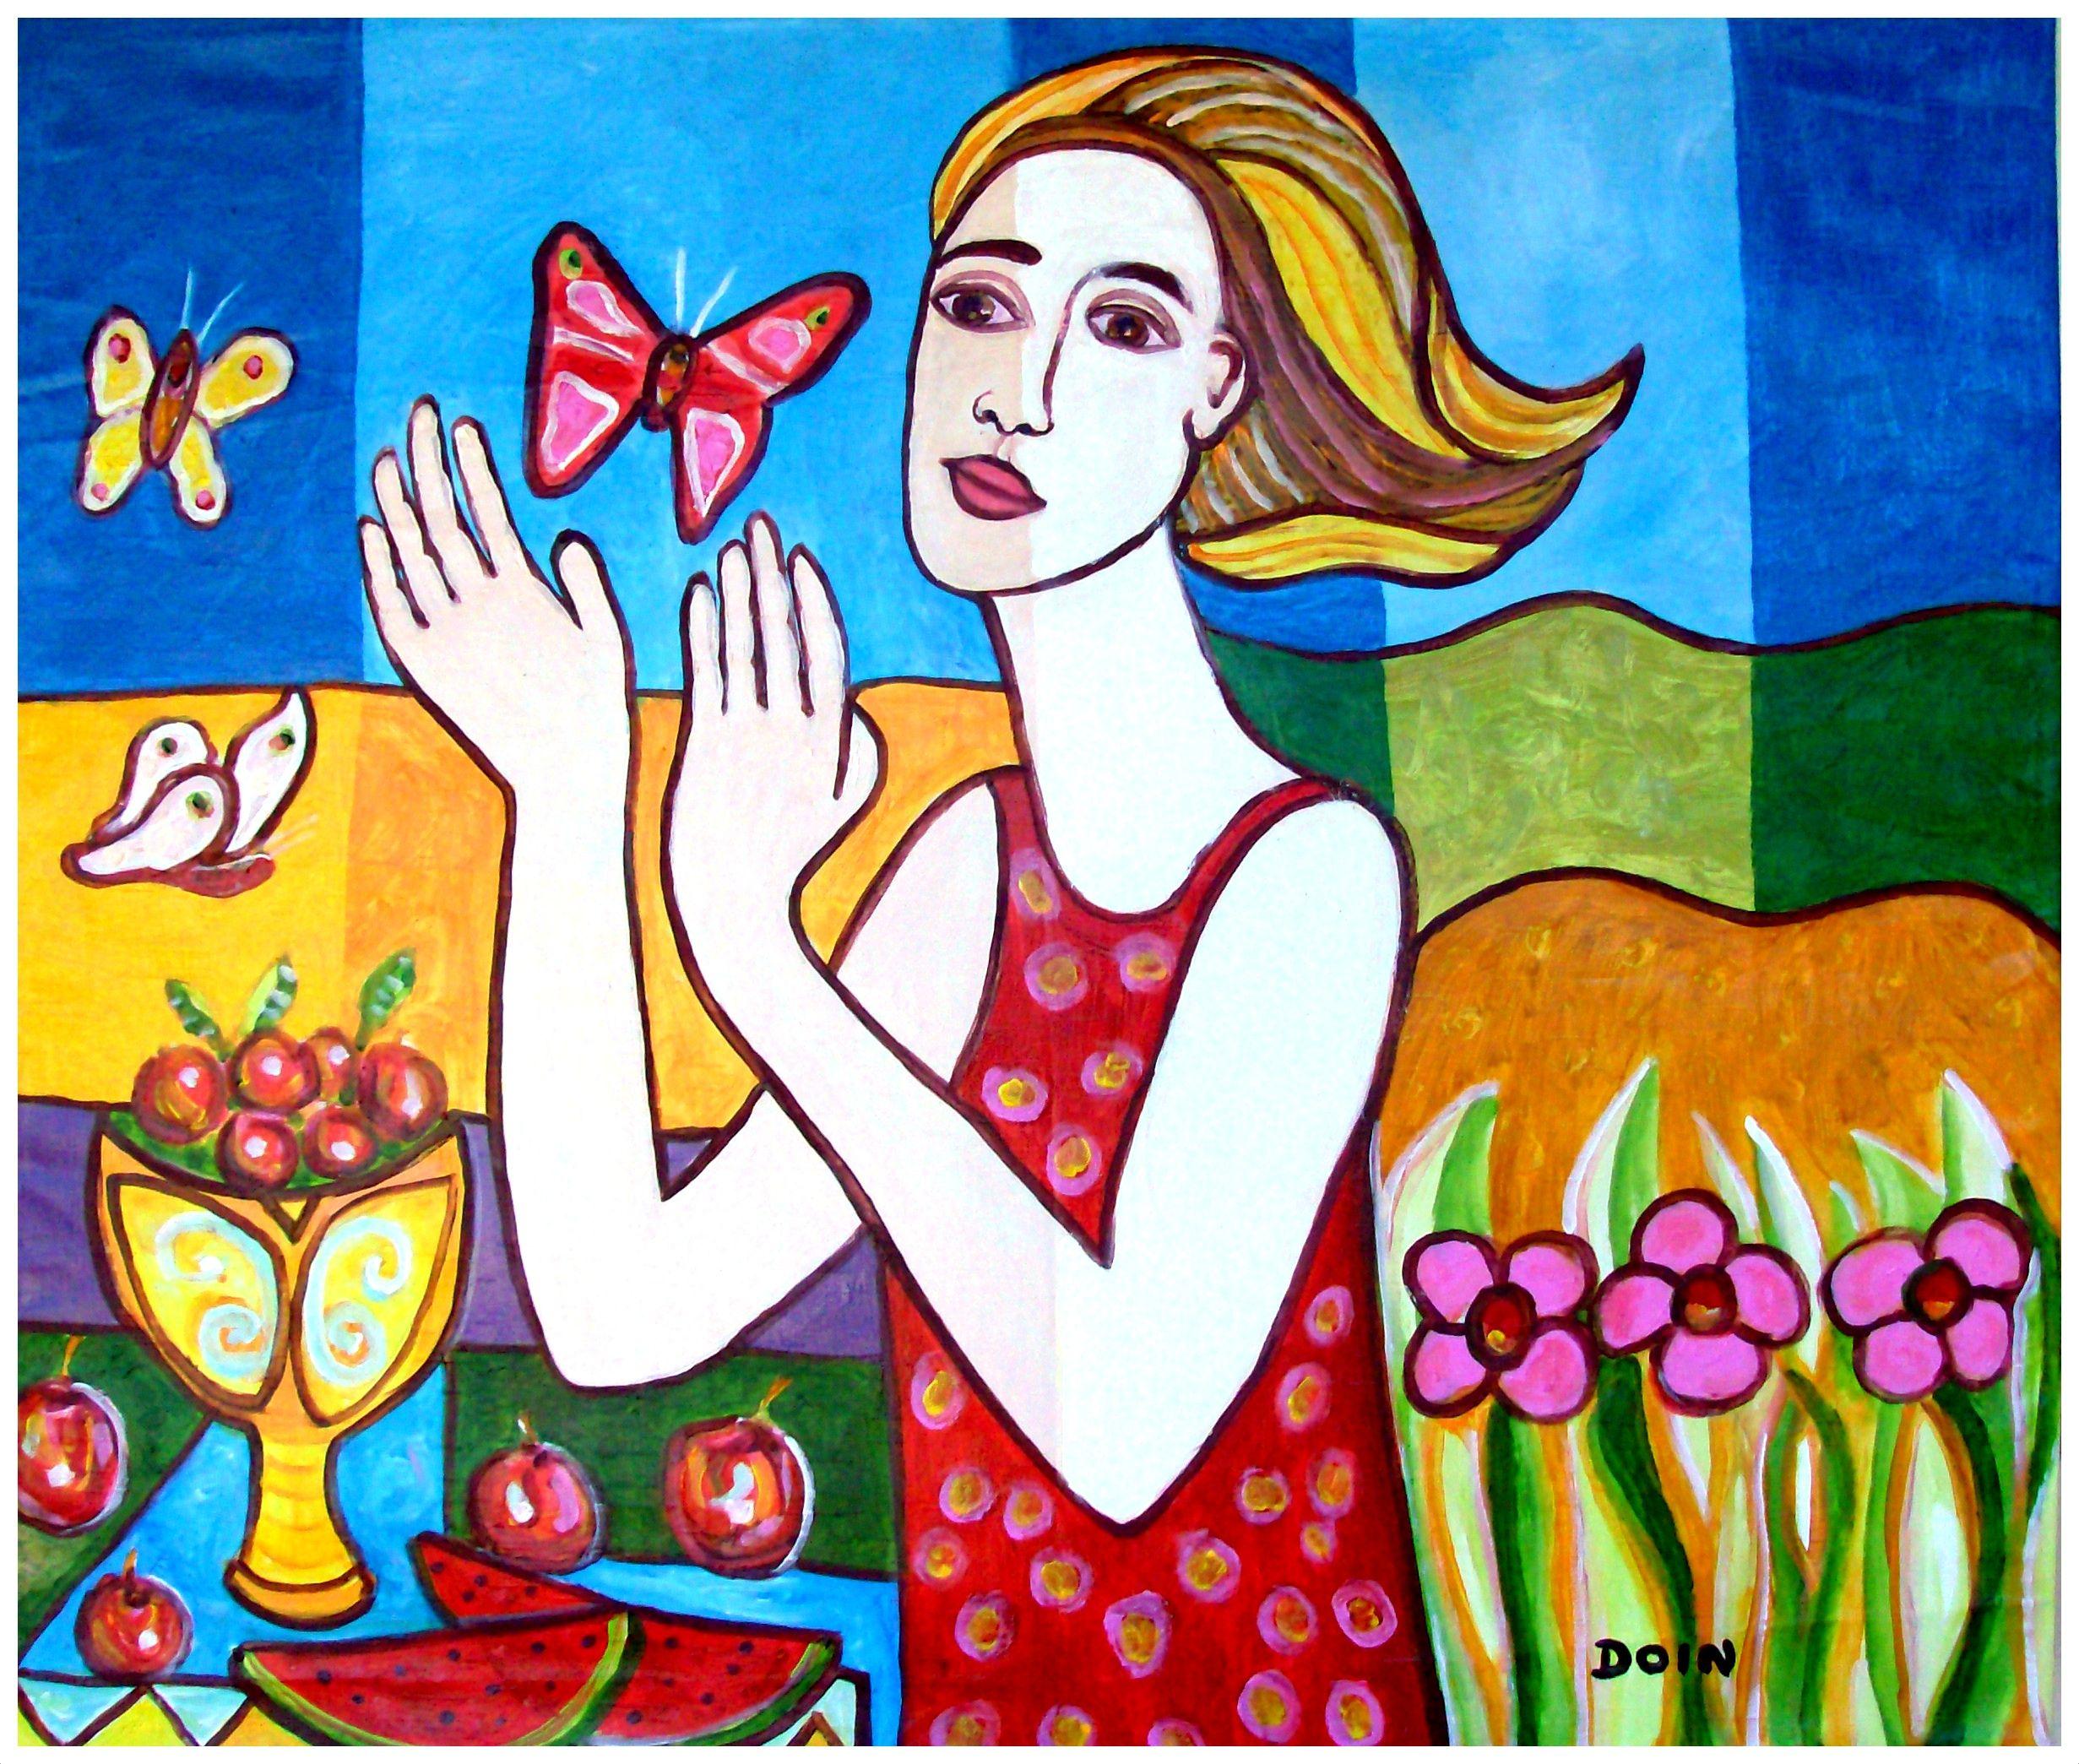 o.s.t. - 100 cm x 80 cm - a menina e as borboletas